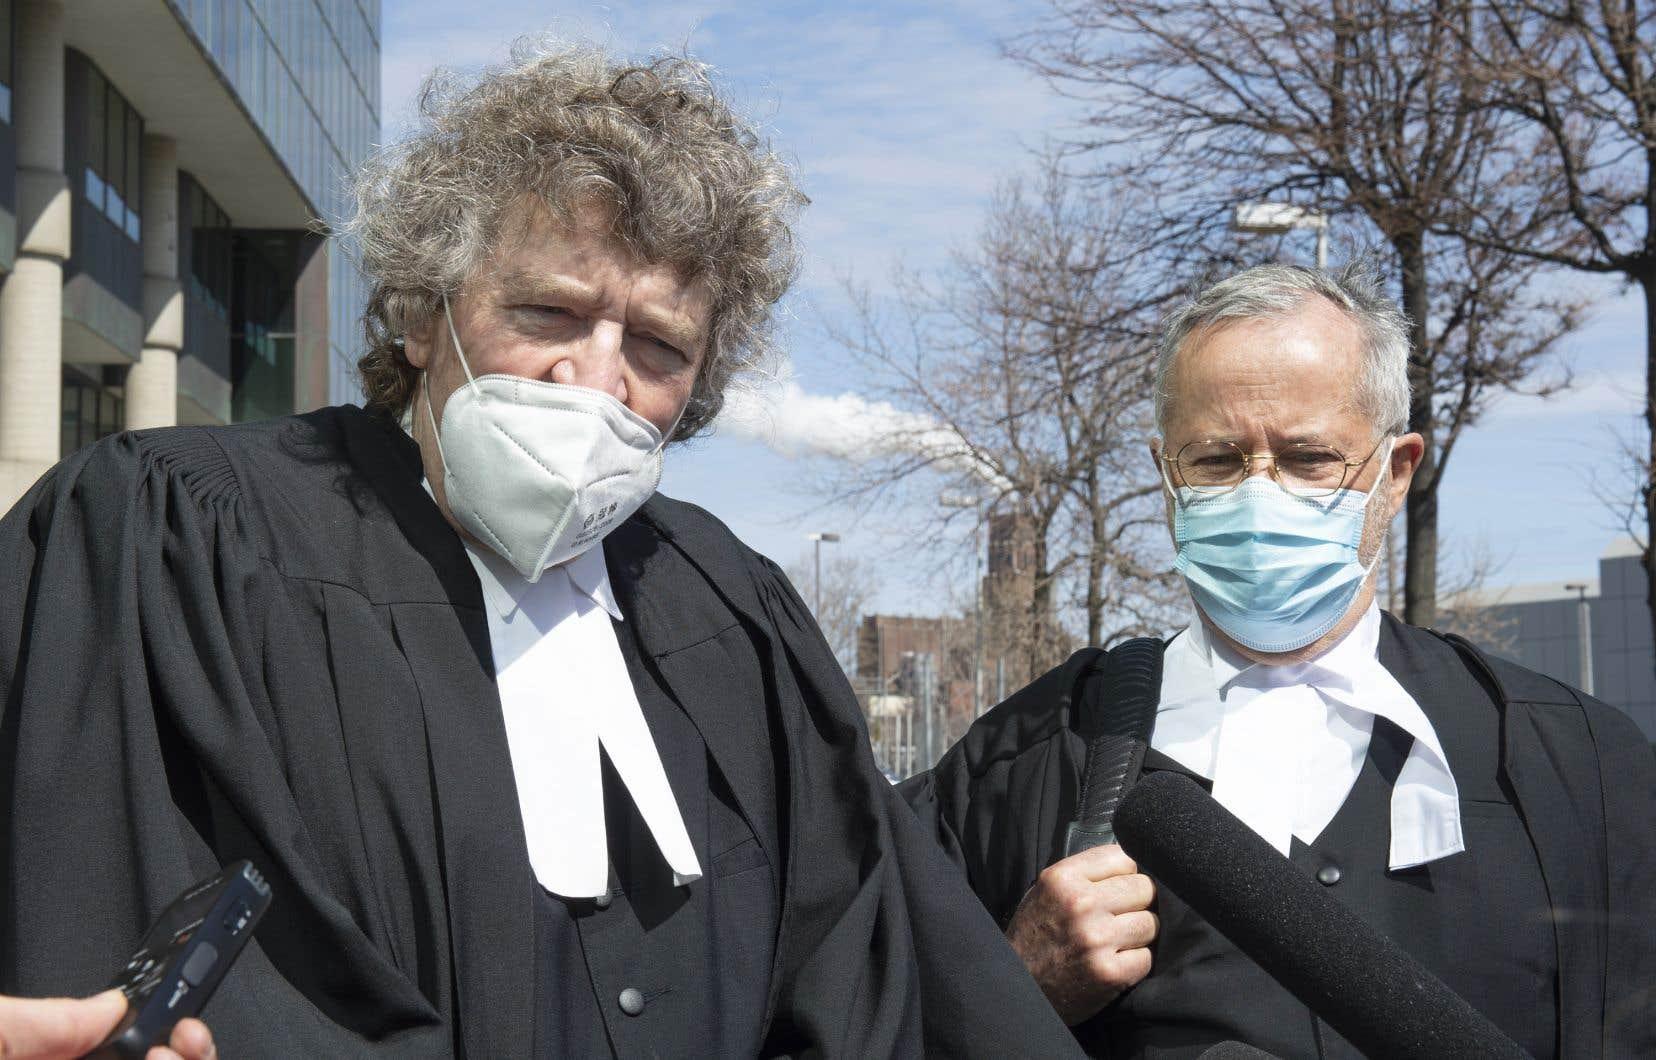 L'avocat spécialisé dans les erreurs judiciaires James Lockyer (à gauche) et Me Jacques Larochelle se sont adressés aux membres de la presse vendredi, à l'extérieur de la Cour supérieure du Québec.